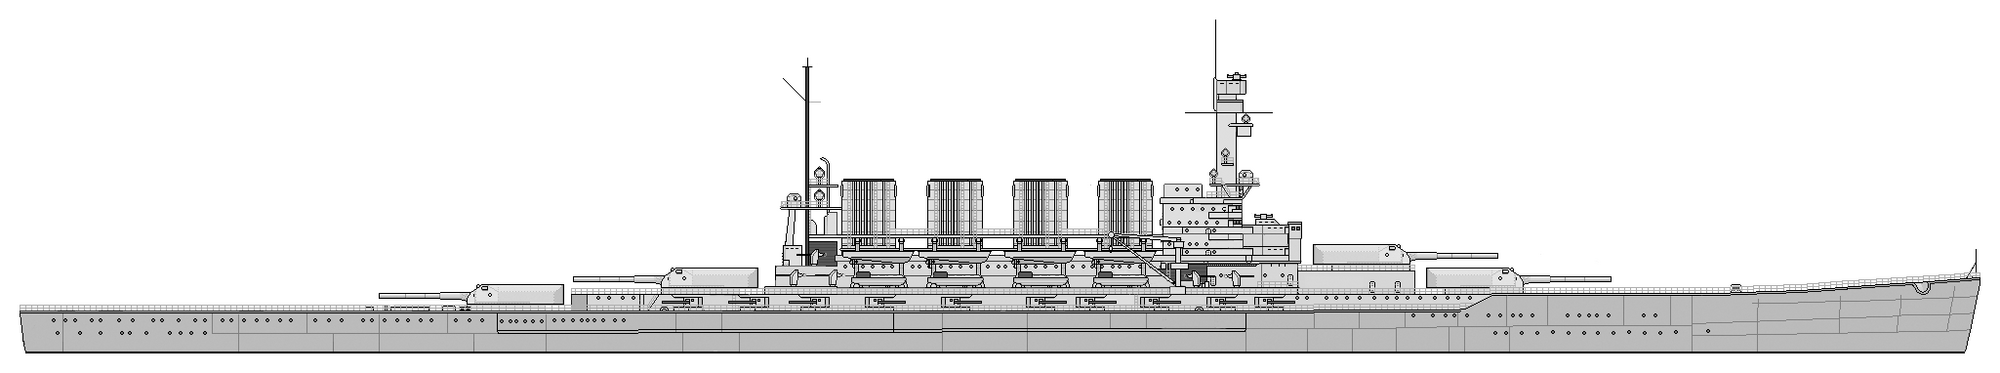 Kaiser Wilhelm-class Super Heavy Dreadnought | The